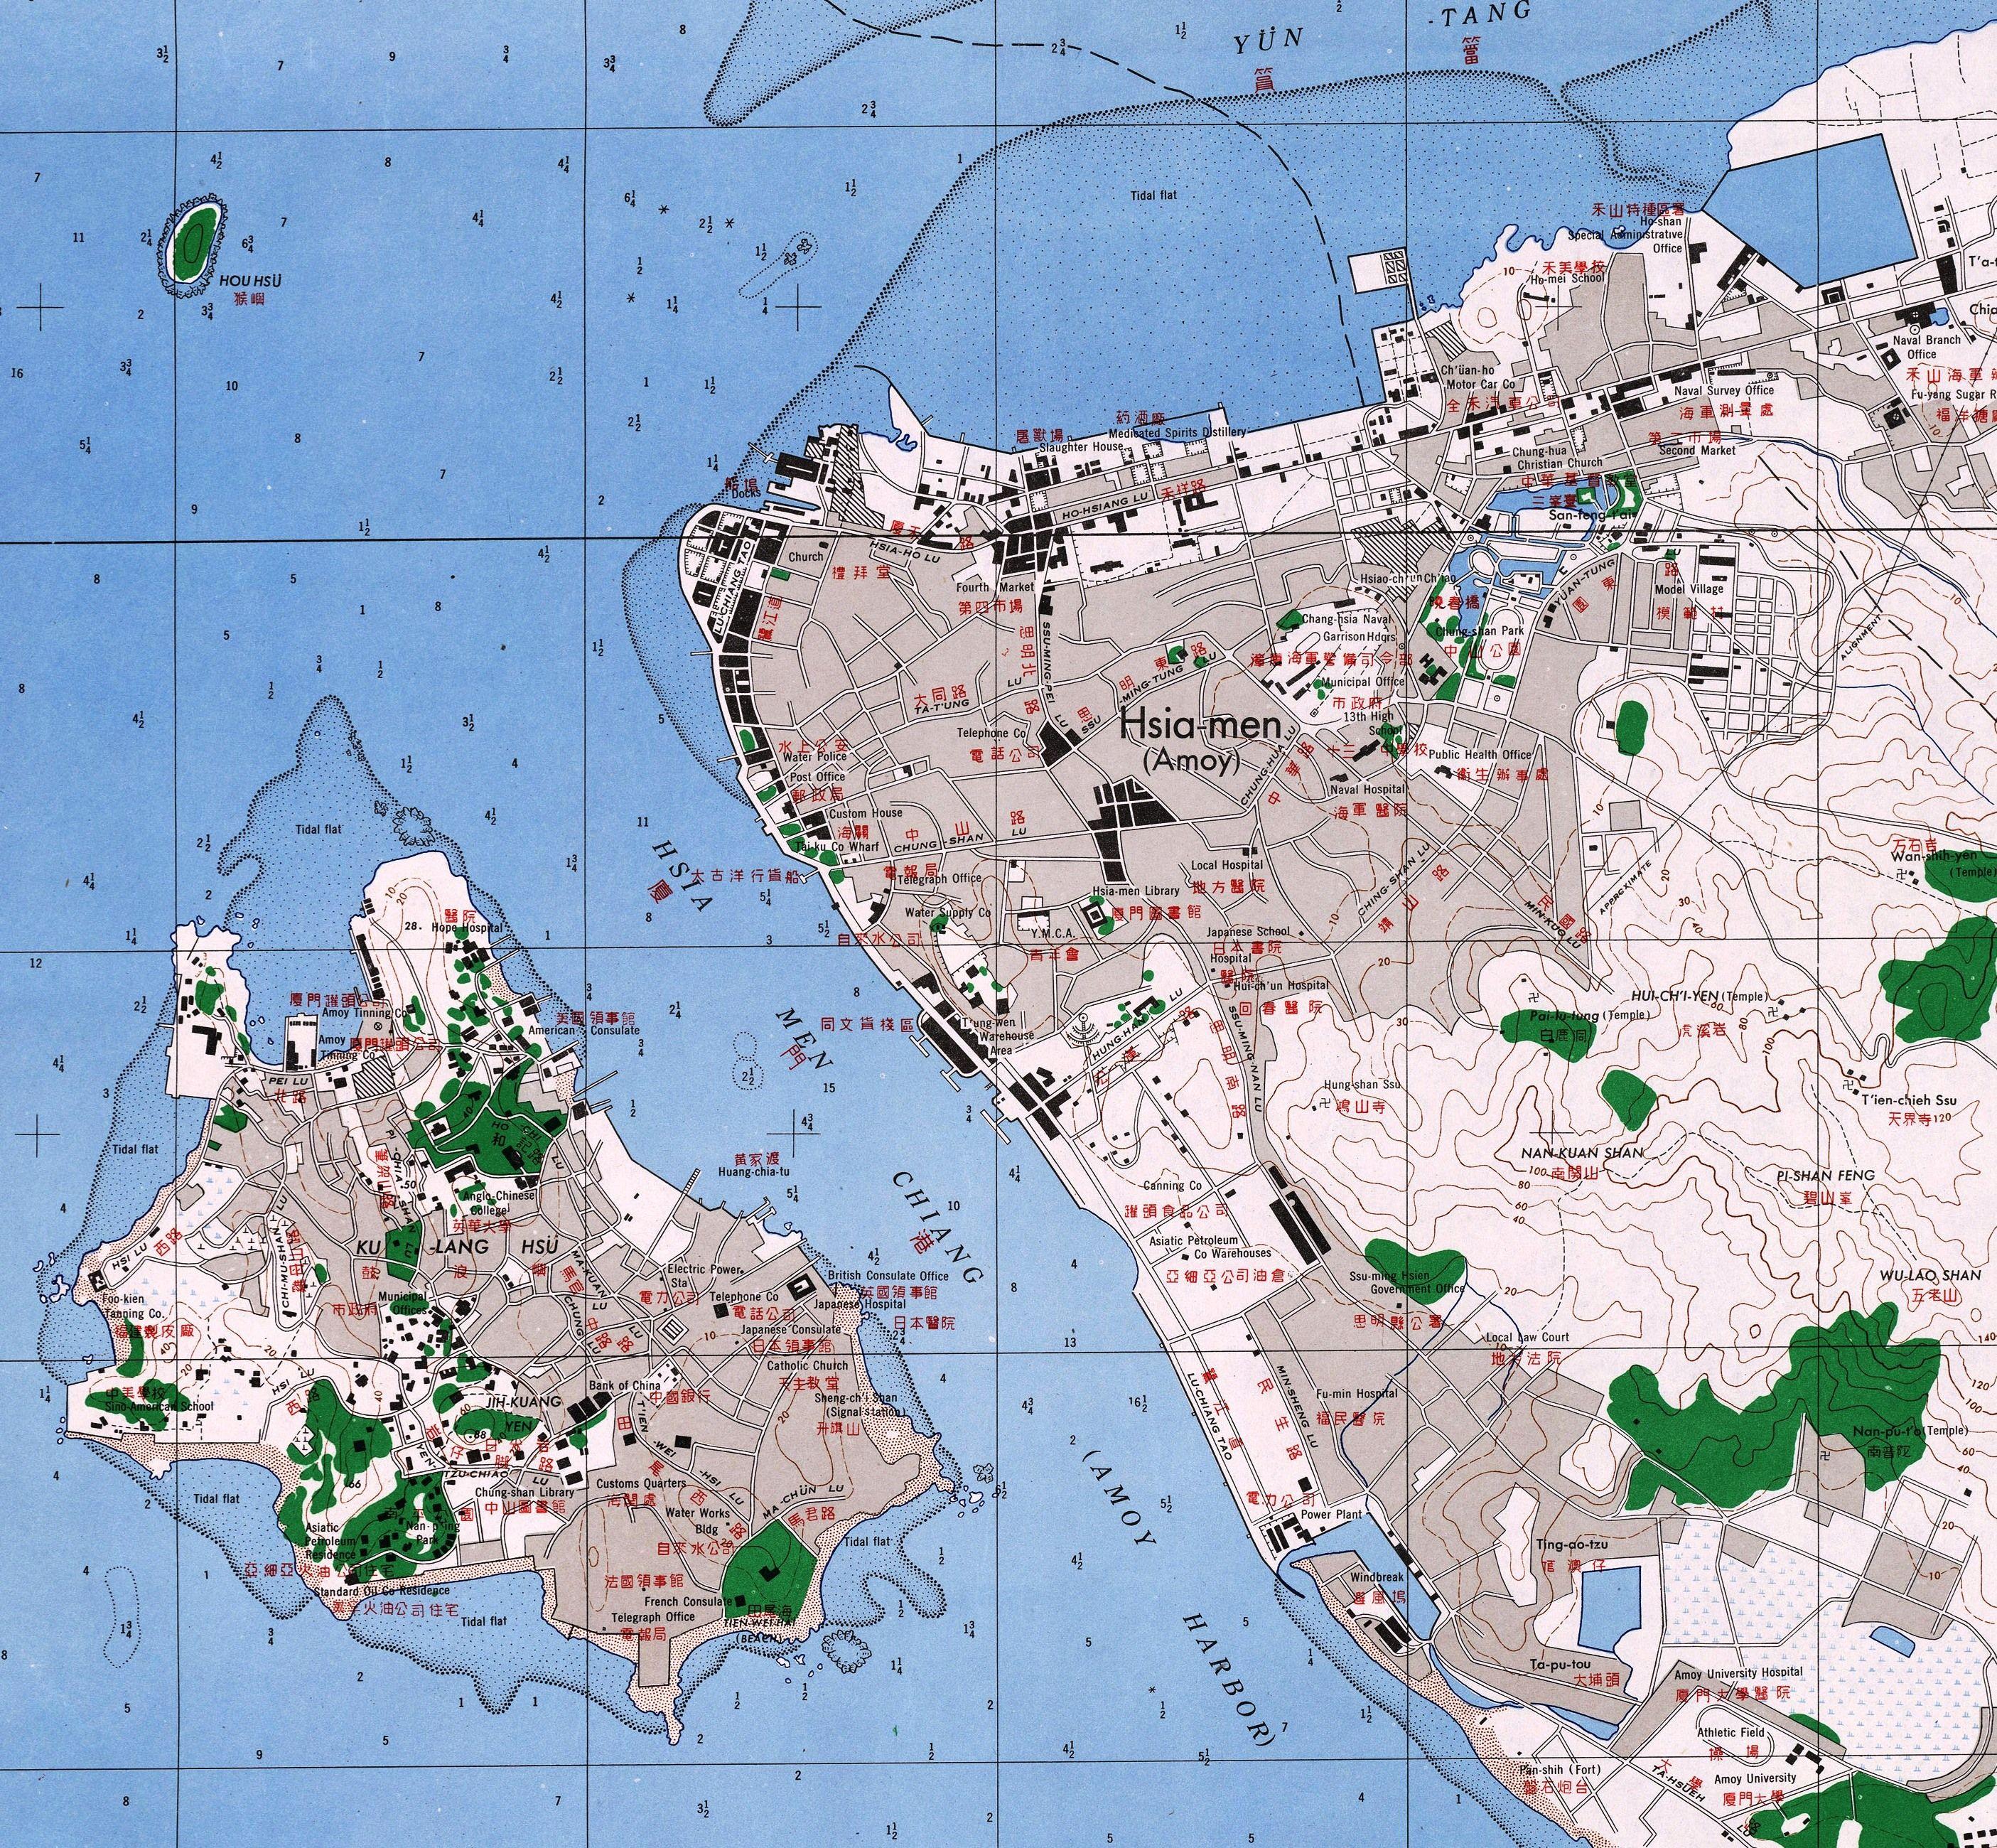 Naval war in china old map of kulangsu gulangyu and amoy xiamen naval war in china old map of kulangsu gulangyu and amoy xiamen gumiabroncs Gallery